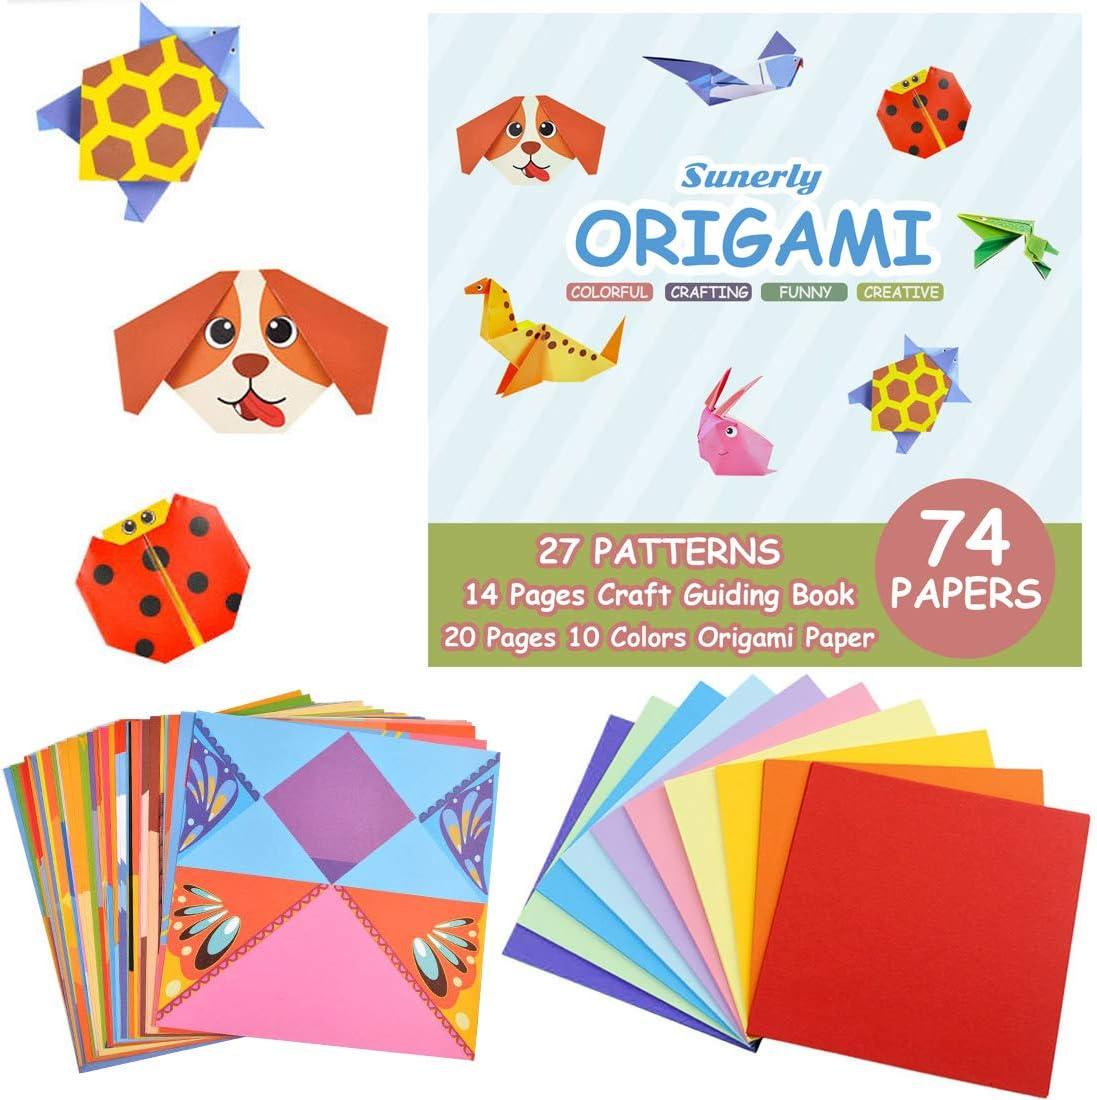 Kit di origami Sunerly colorato con libro di istruzioni di 14 pagine 74 carte di origami vivaci fronte-retro 27 progetti Origami per bambini Principianti Corsi di formazione e scuola